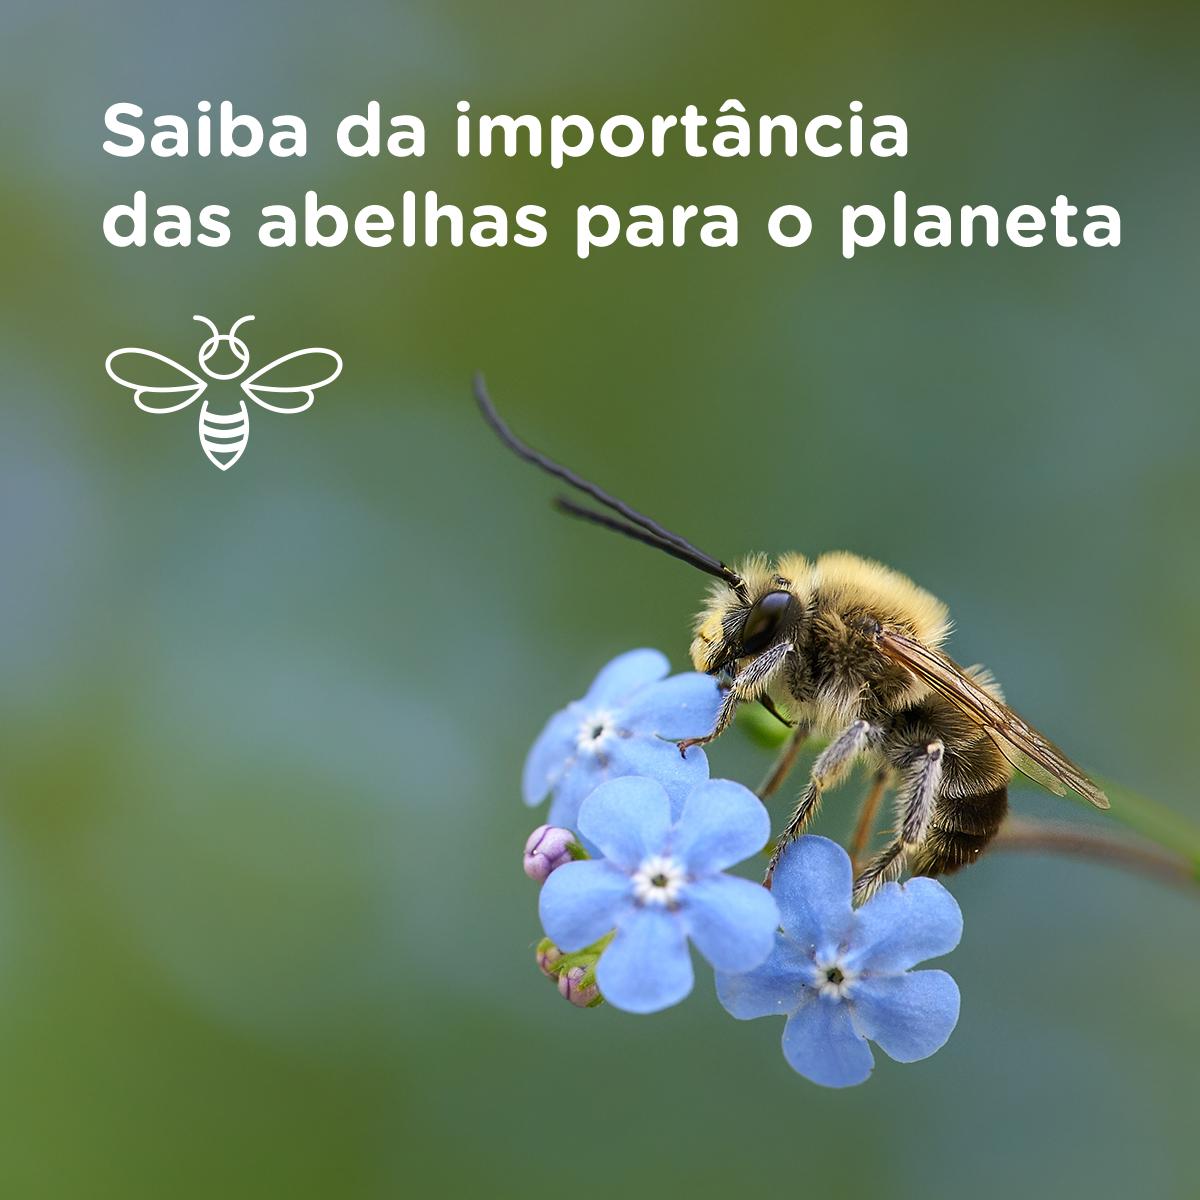 importância das abelhas para o planeta